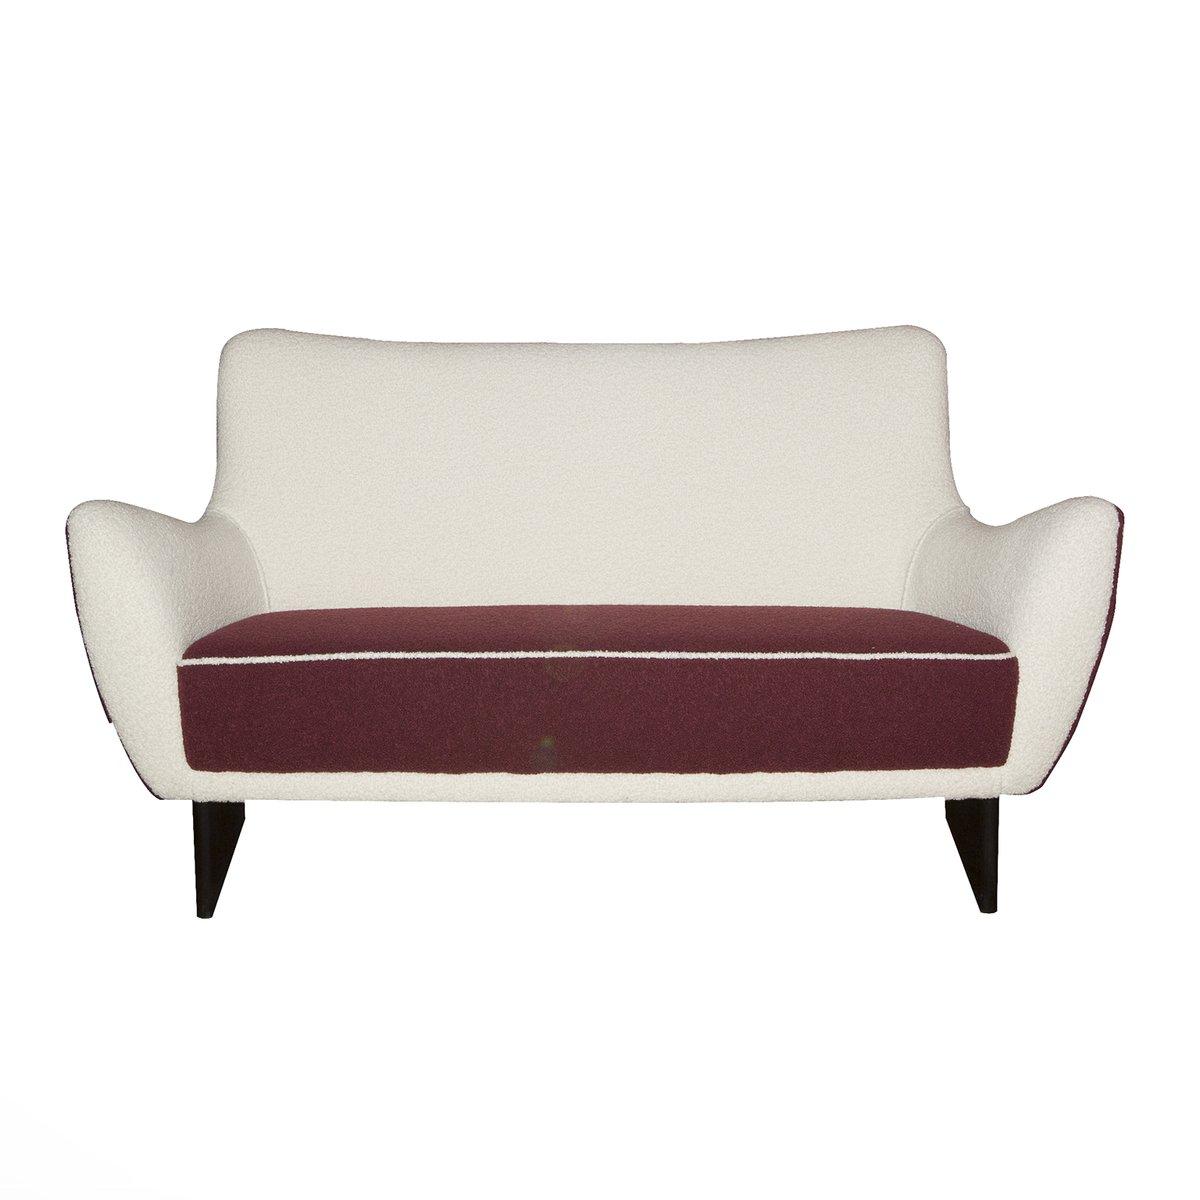 Italienisches vintage sofa von guglielmo veronesi 1960er for Italienisches sofa